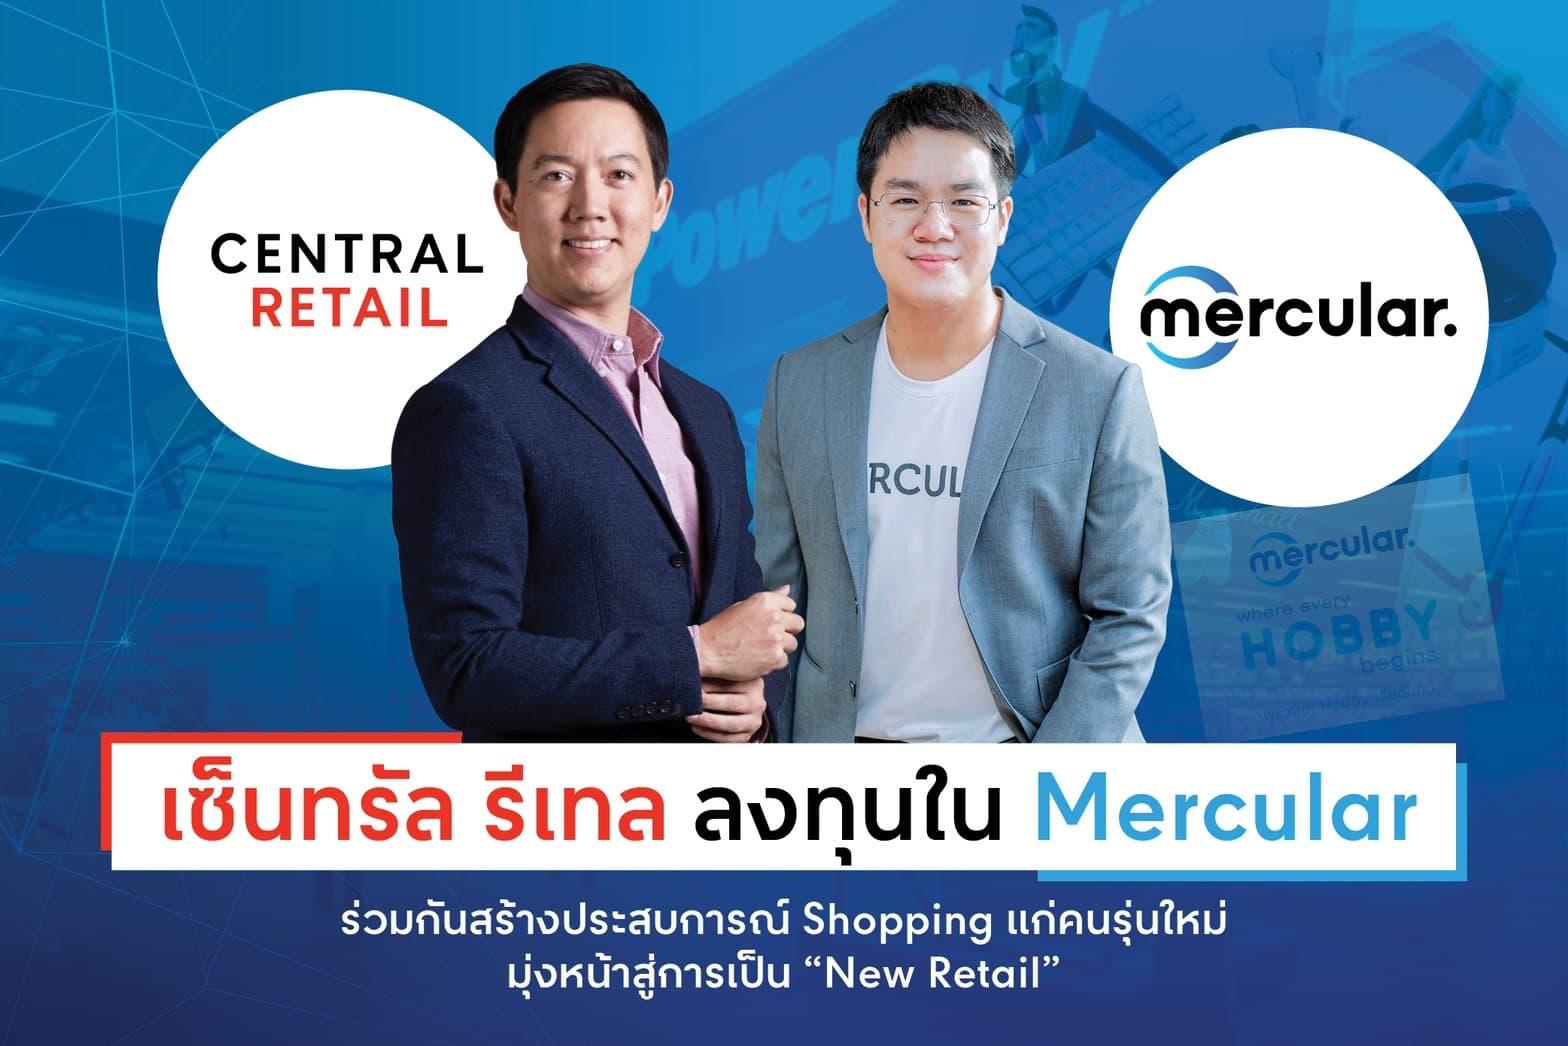 """เซ็นทรัล รีเทล ลงทุนใน Mercular  ร่วมกันสร้างประสบการณ์ Shopping แก่คนรุ่นใหม่ มุ่งหน้าสู่การเป็น """"New Retail"""""""